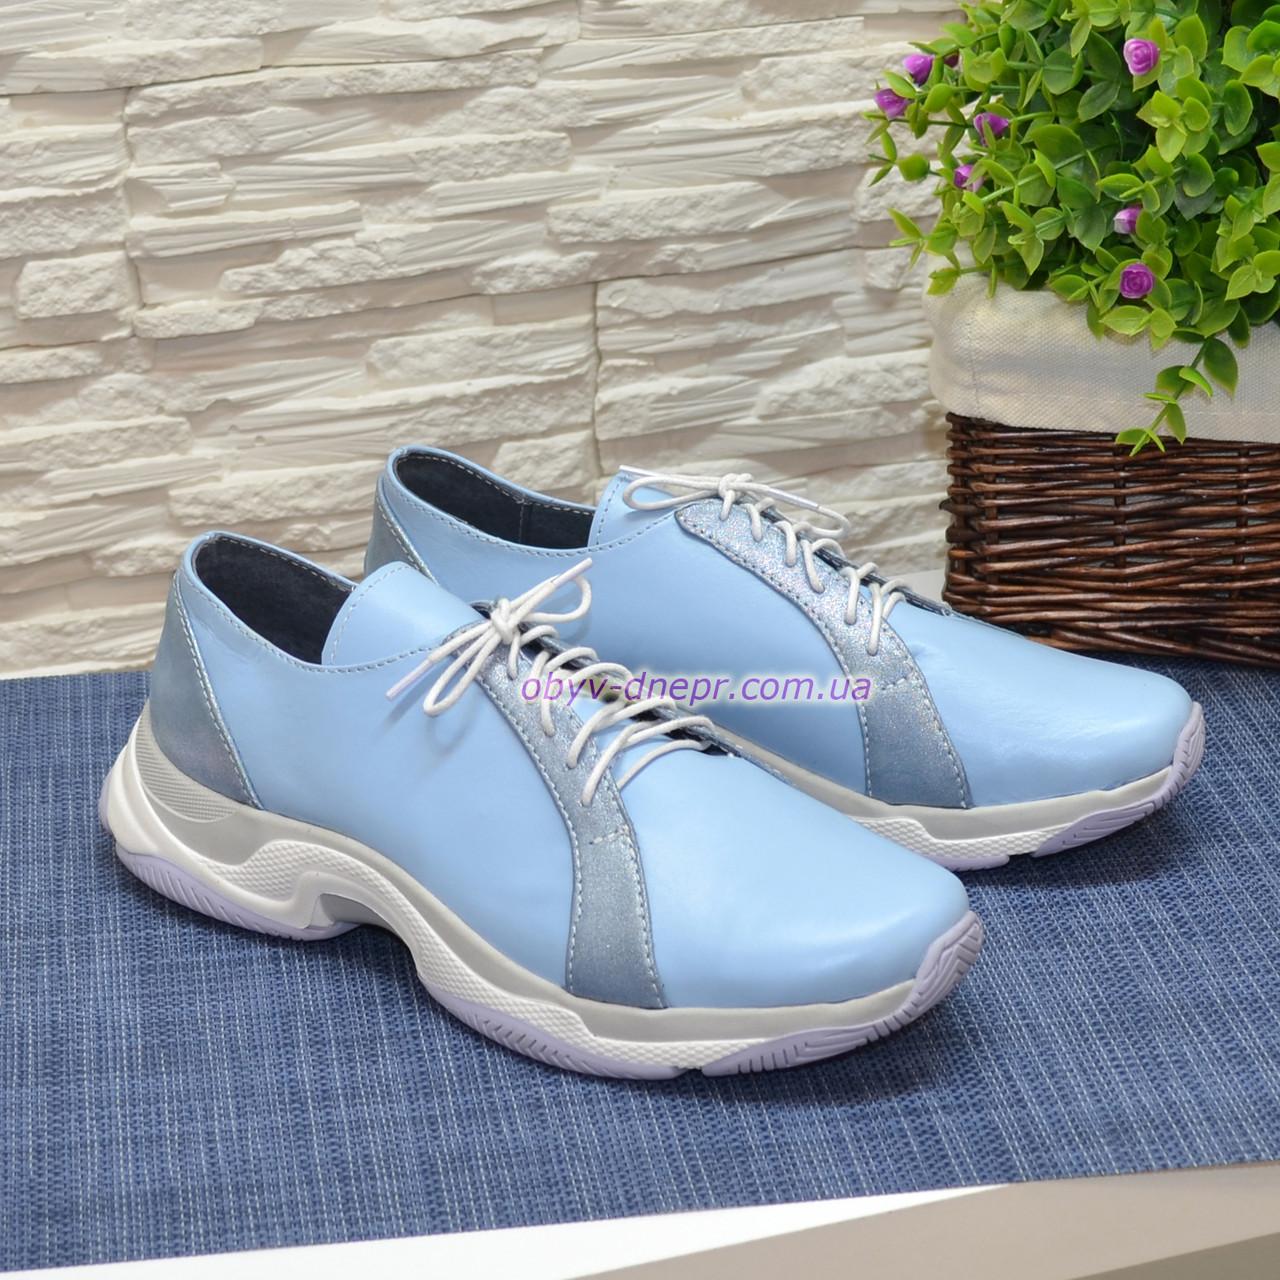 Кроссовки женские кожаные на шнурках. Цвет голубой